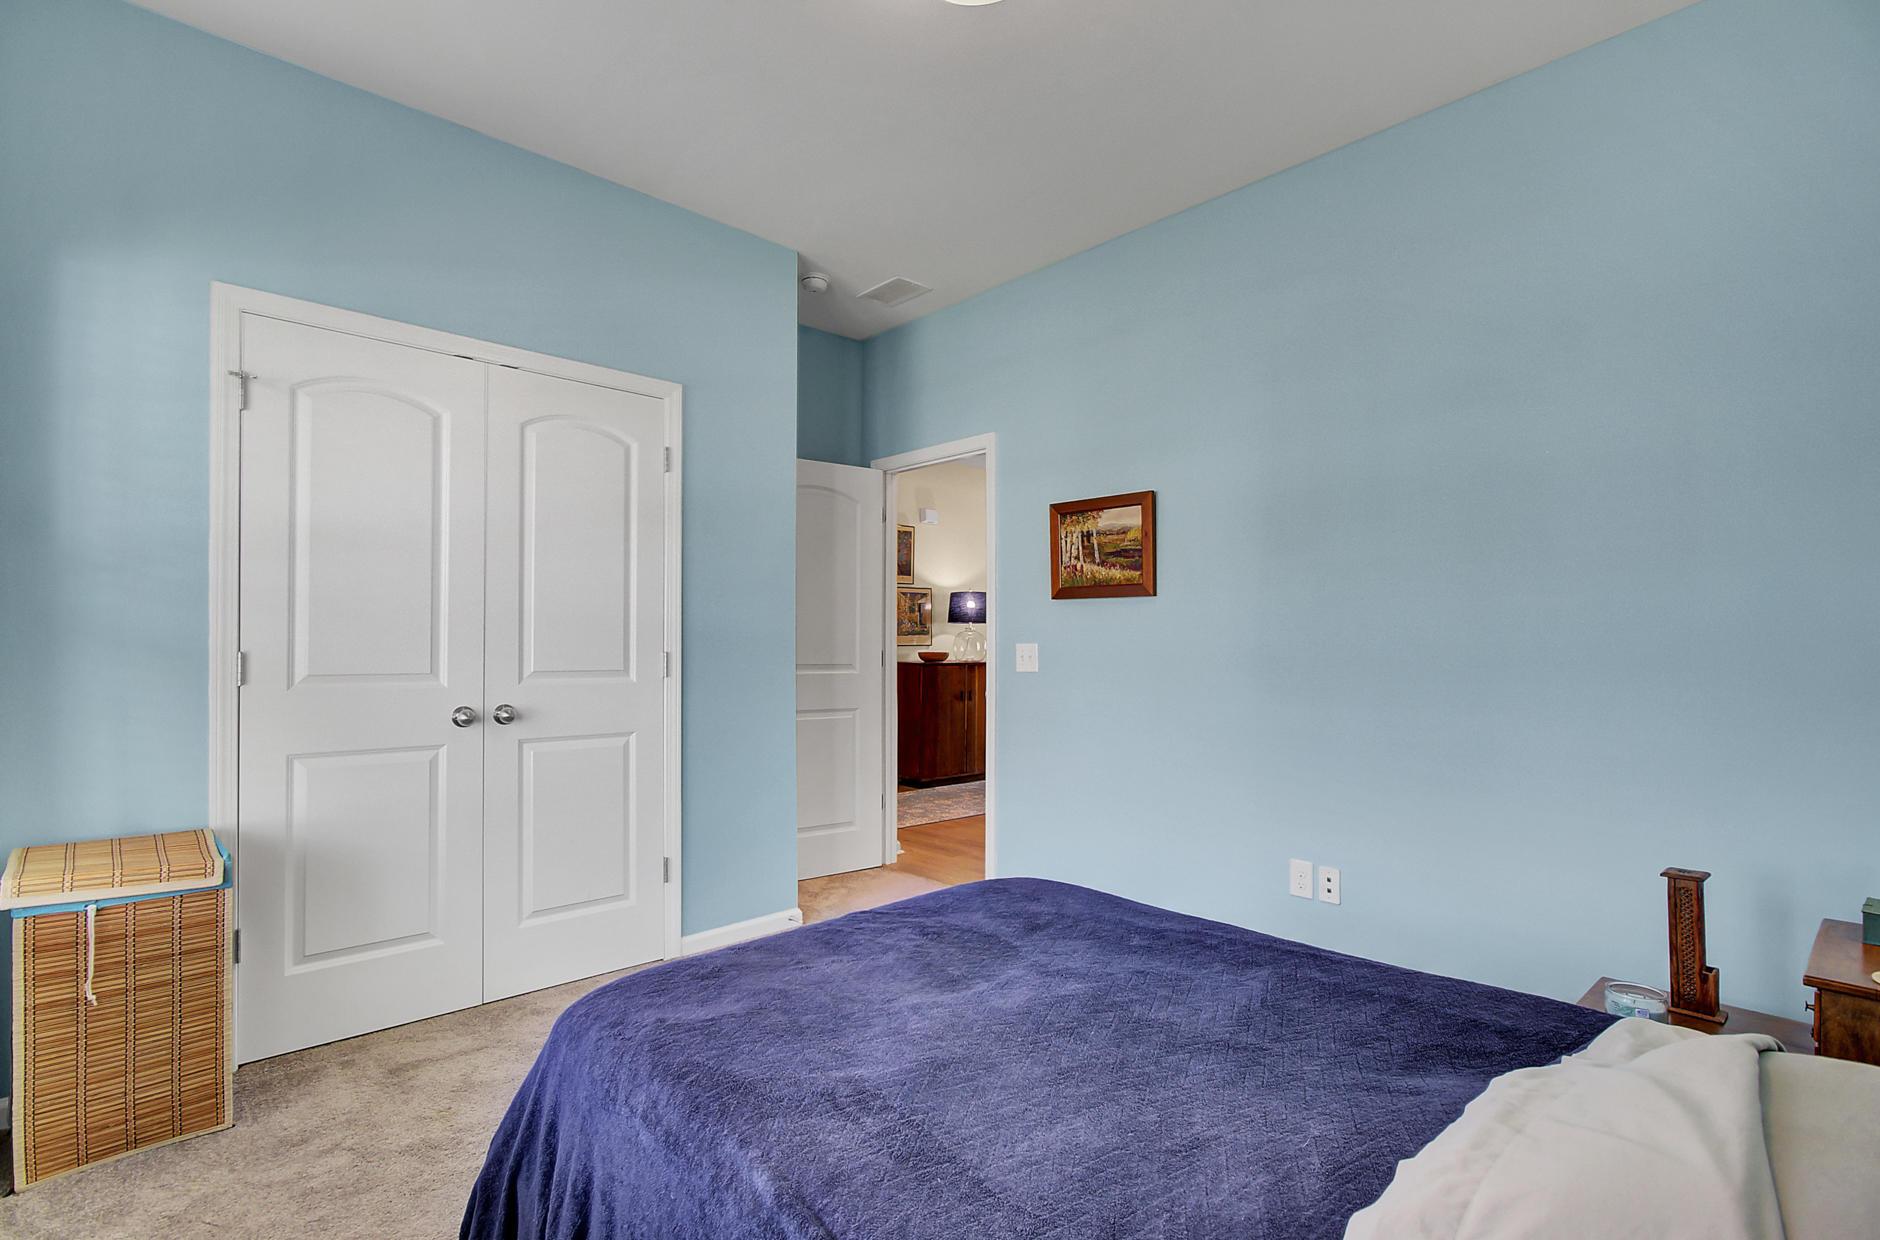 North Creek Village Homes For Sale - 384 Dunlin, Summerville, SC - 55